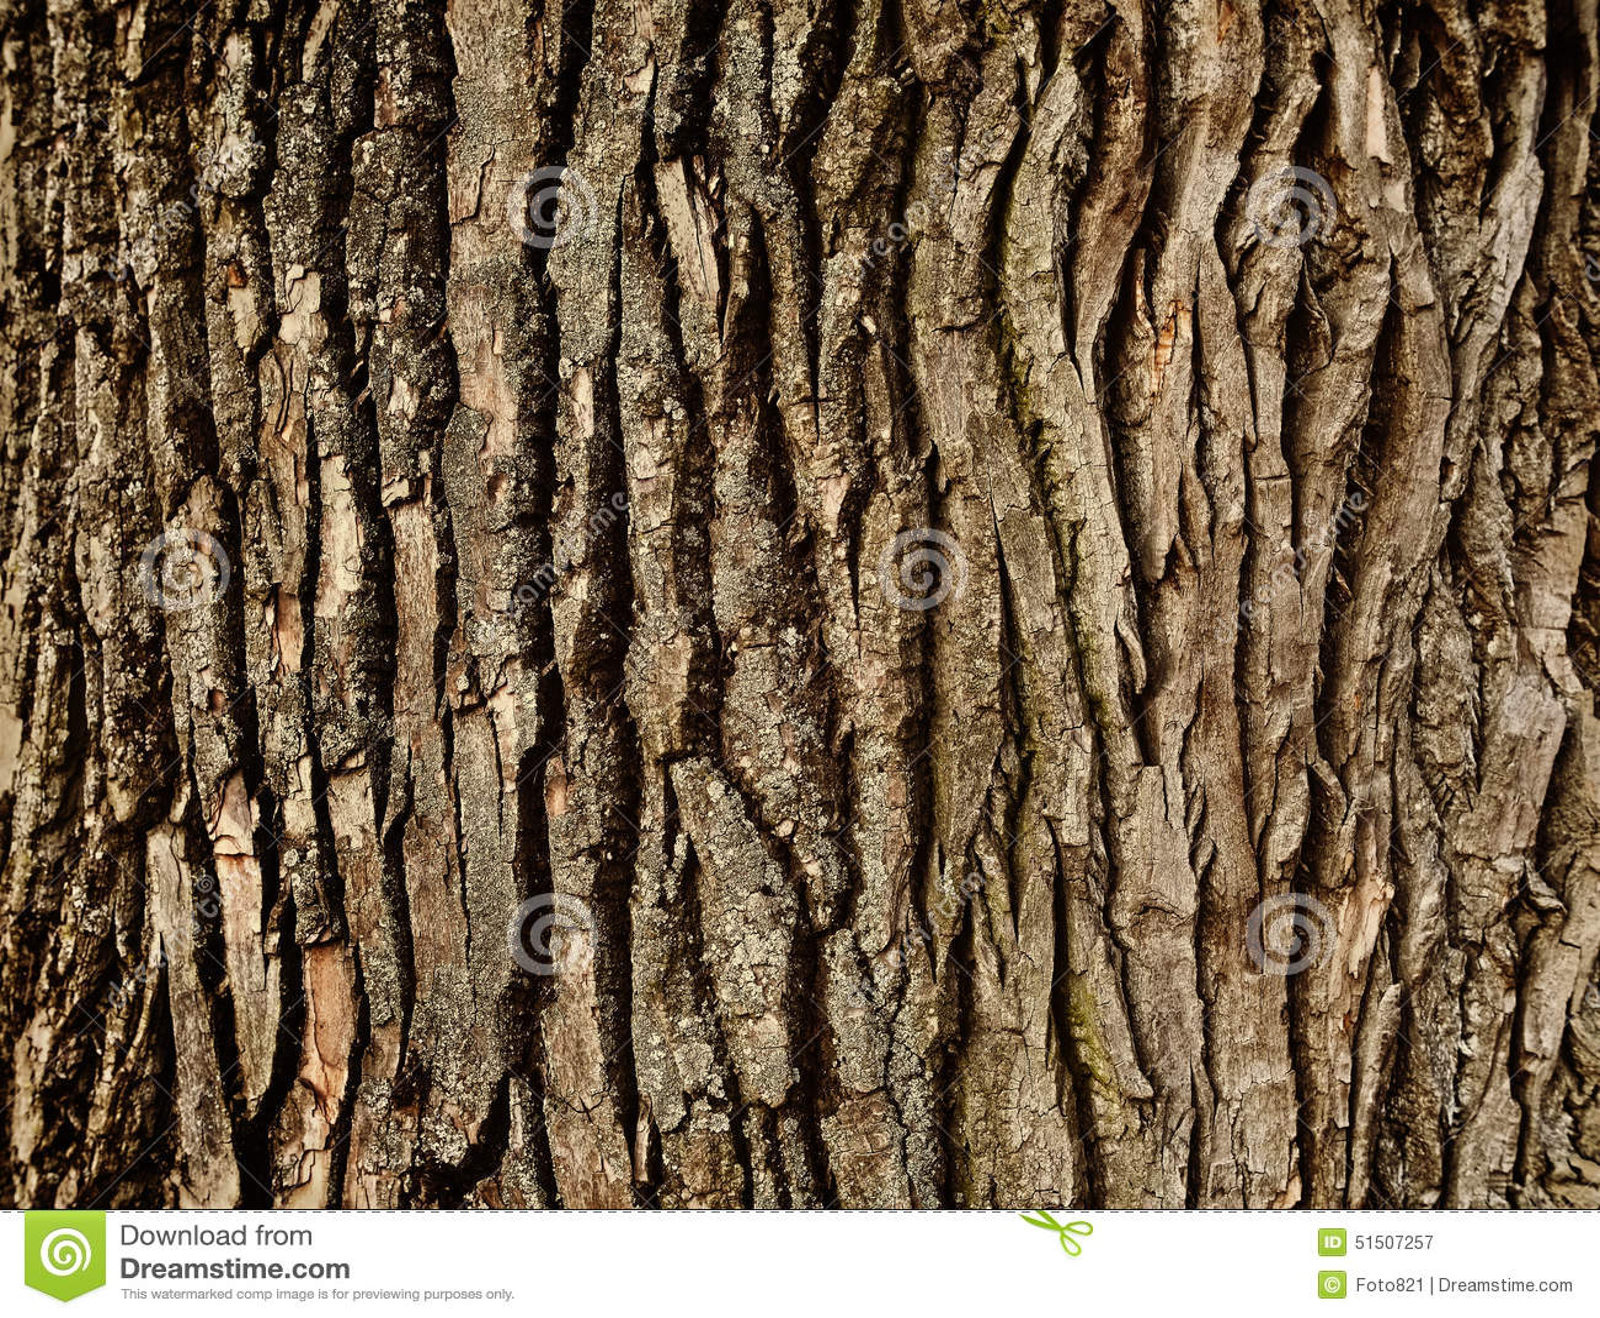 Tree Bark Stock Photo Image 51507257